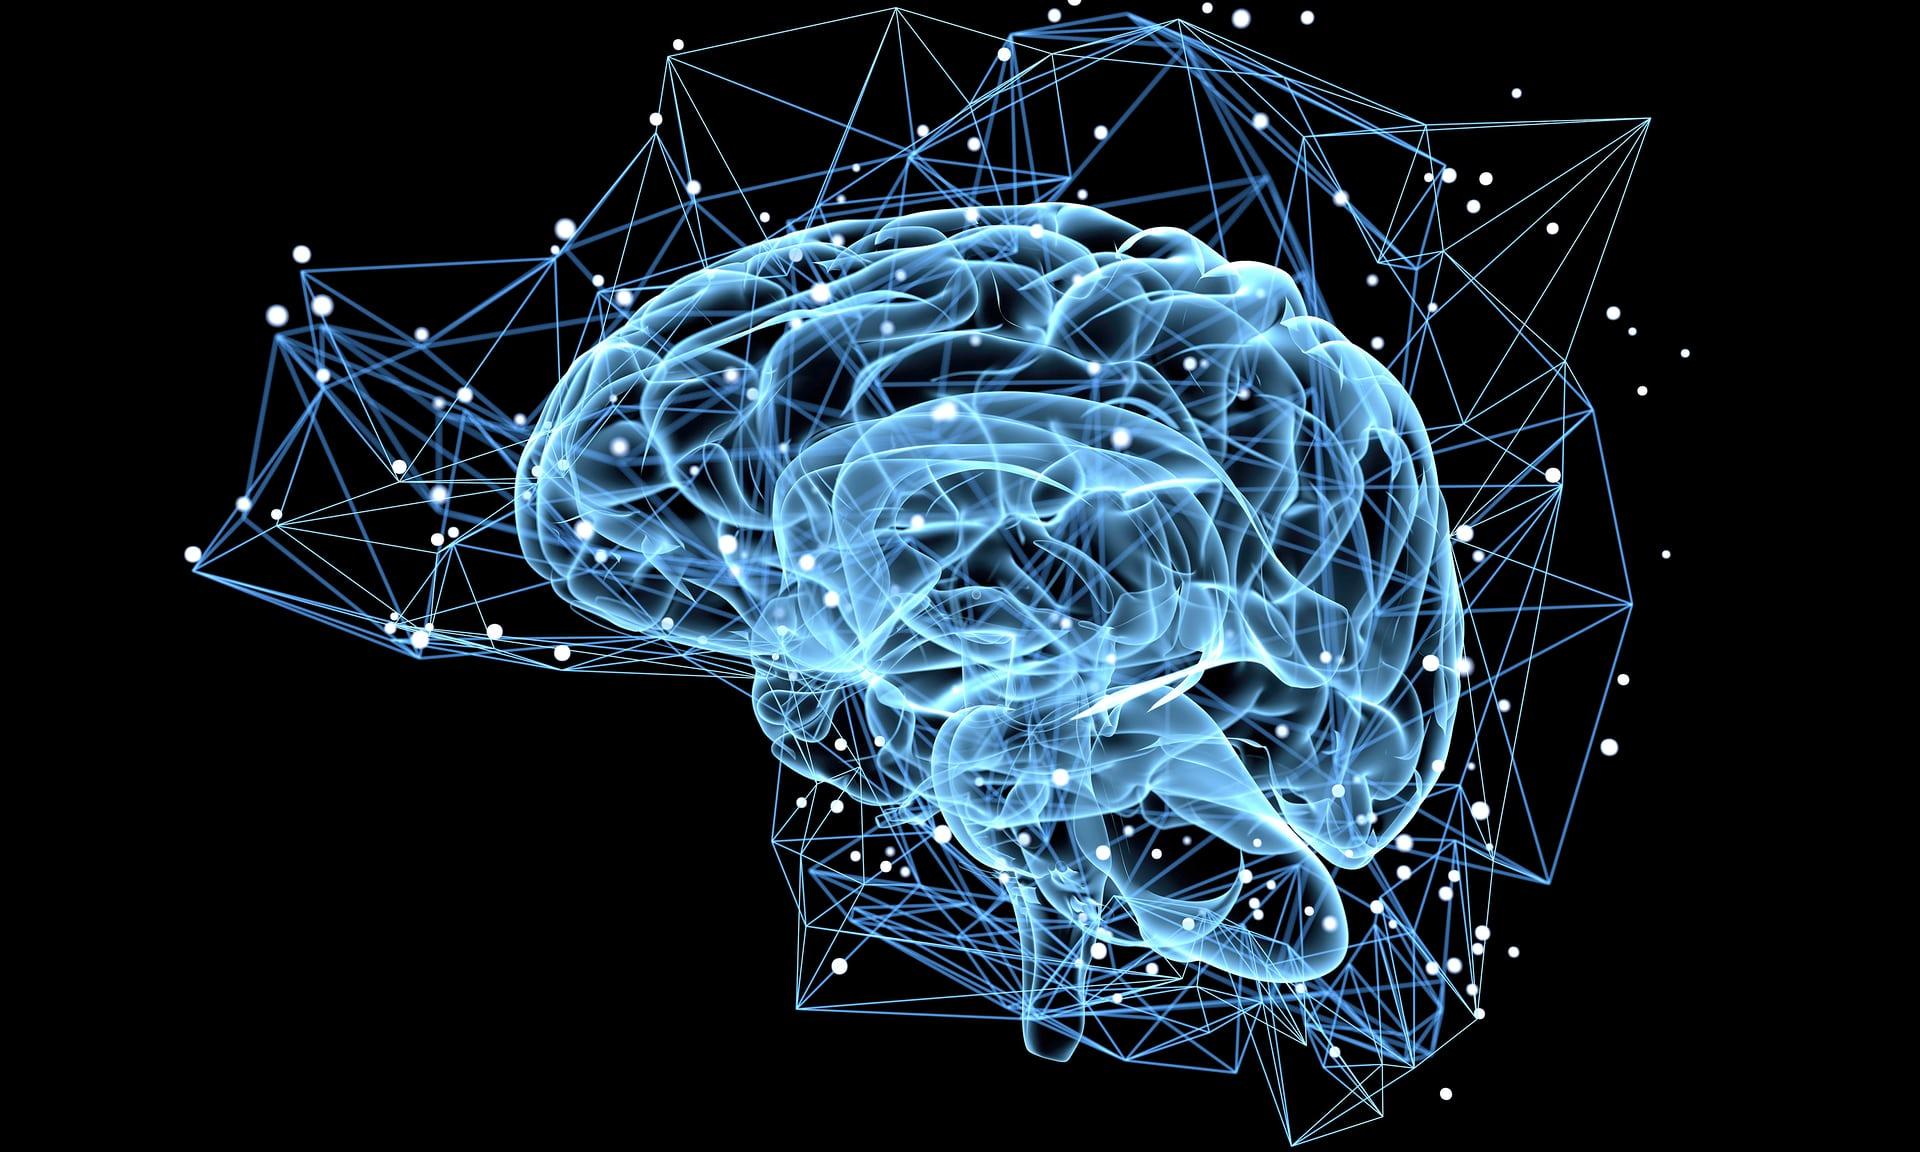 Các neuron mới trong phần não liên quan tới học tập, trí nhớ và cảm xúc của con người. Nguồn: The Guardian